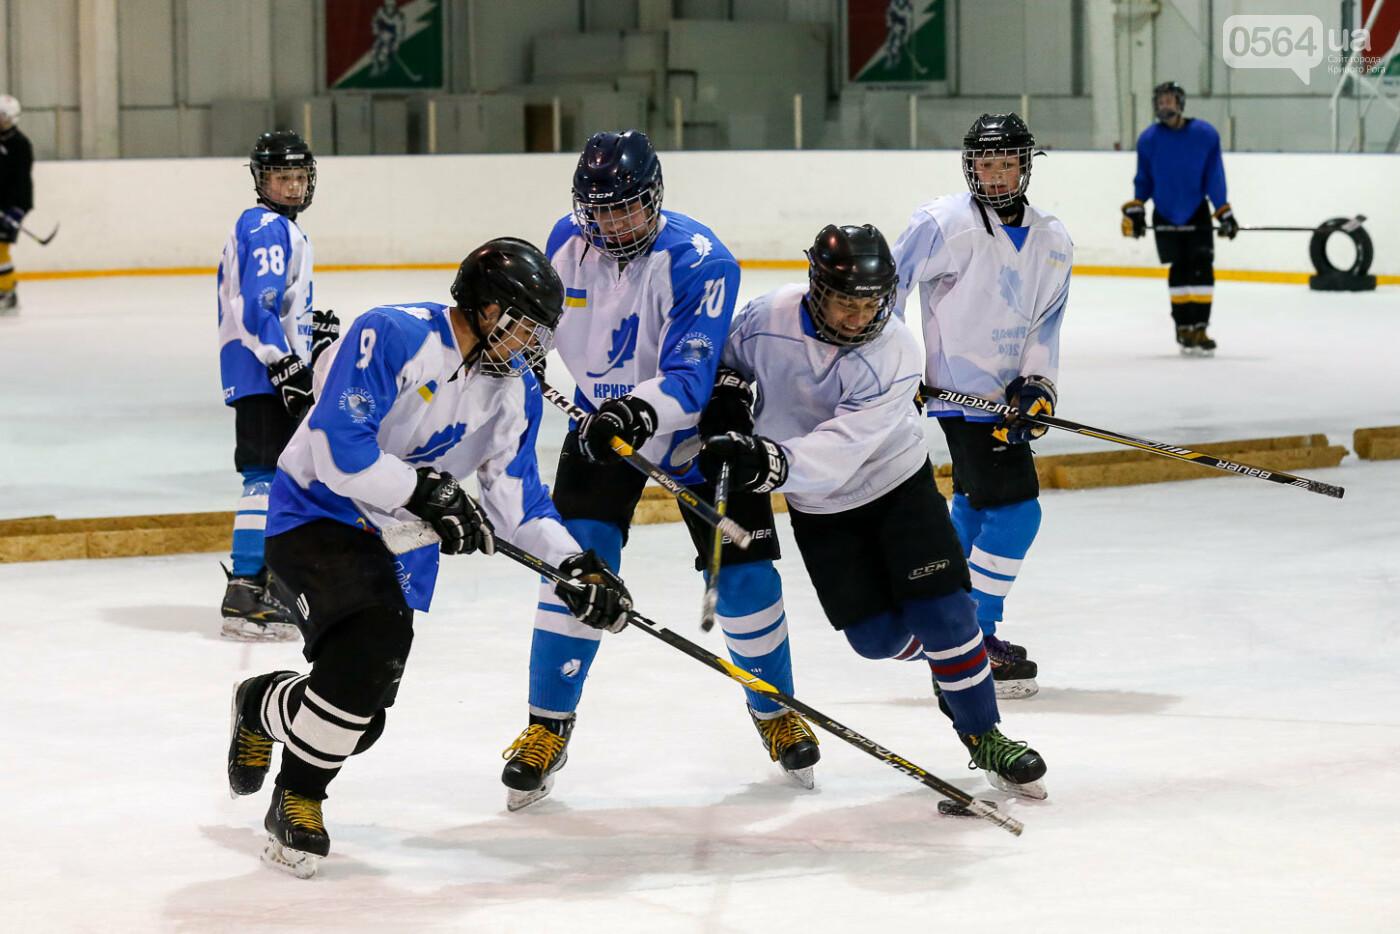 Звезды украинского хоккея провели открытую тренировку в Кривом Роге, фото-5